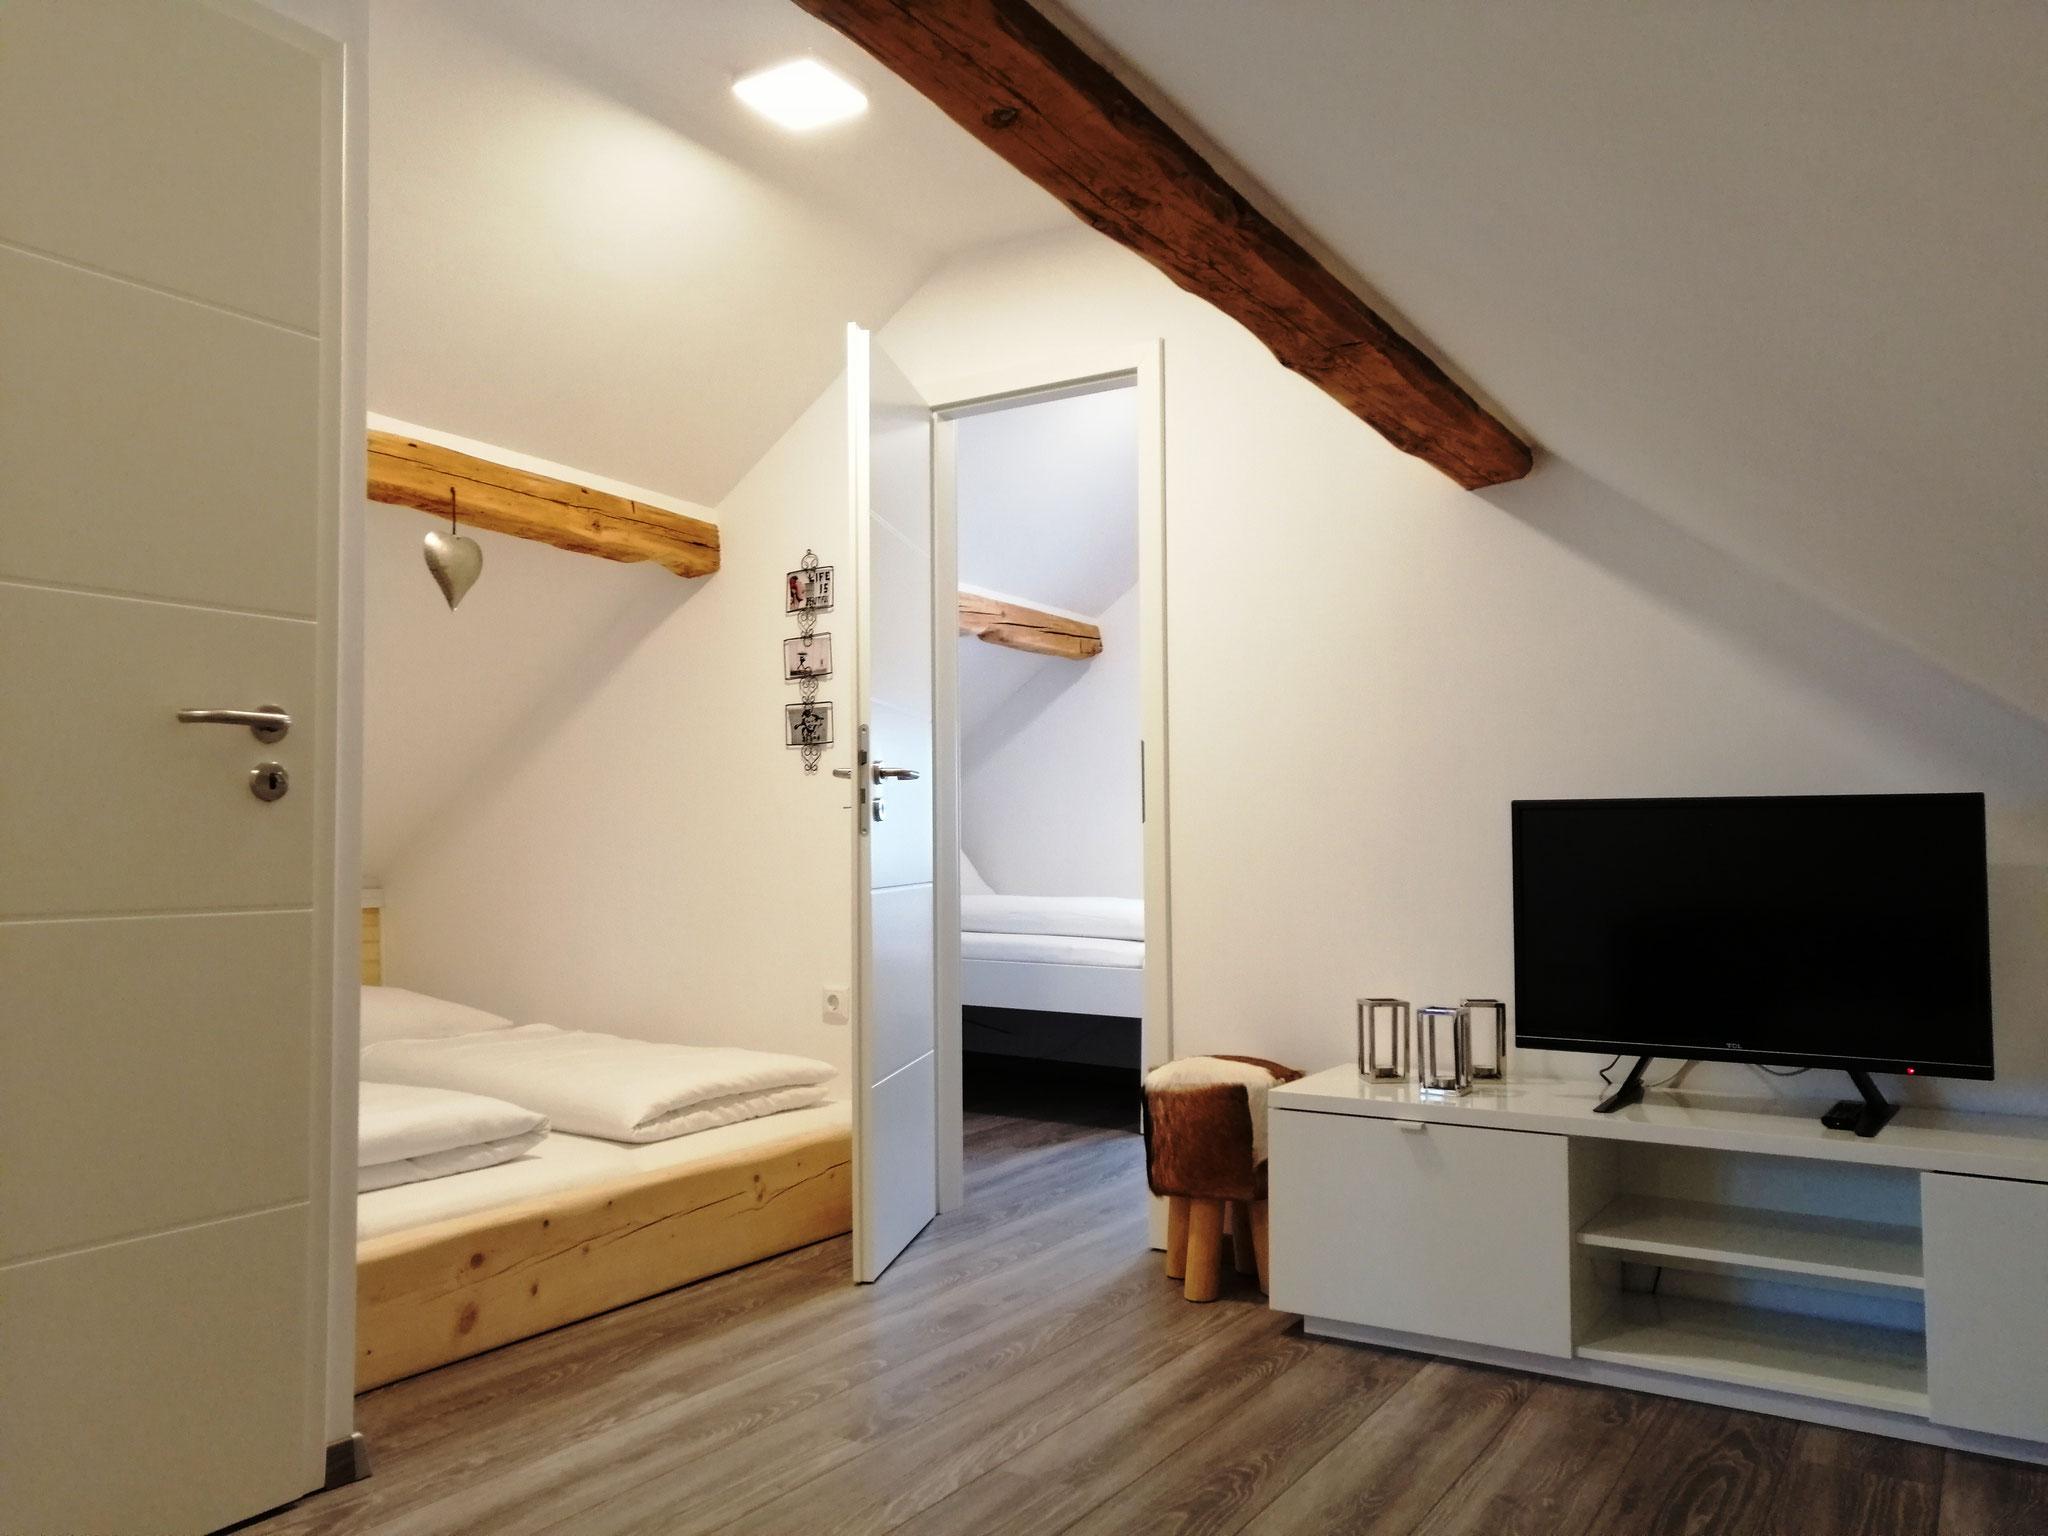 Blick von der Couch auf Doppelbett und zweites Schlafzimmer